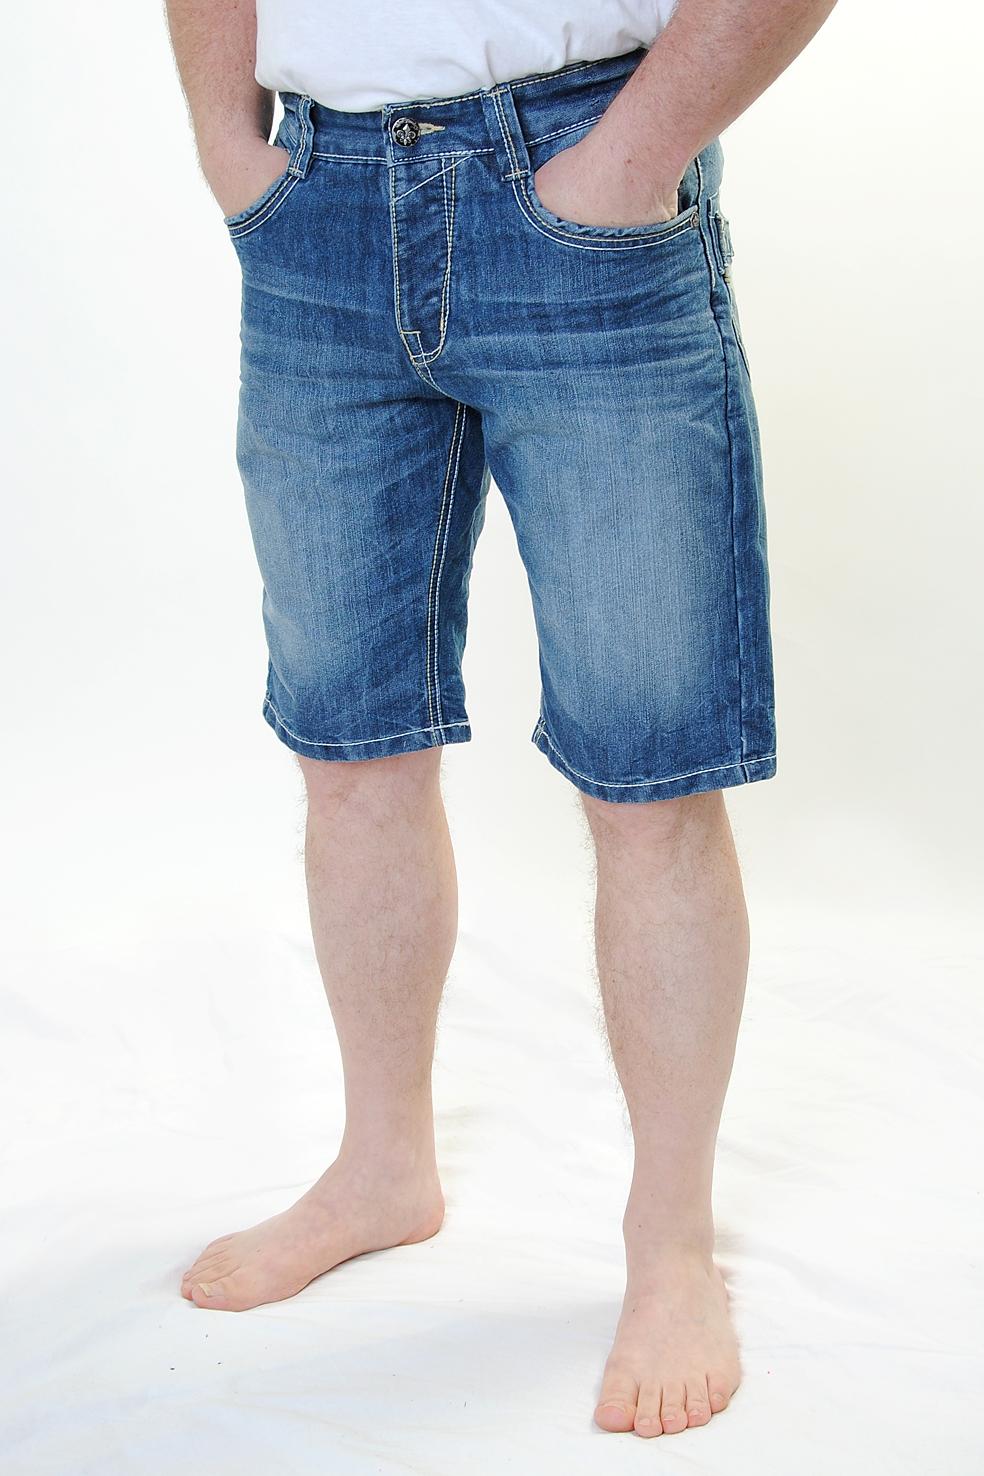 blue monkey herren jeans shorts bermuda bm 2003. Black Bedroom Furniture Sets. Home Design Ideas